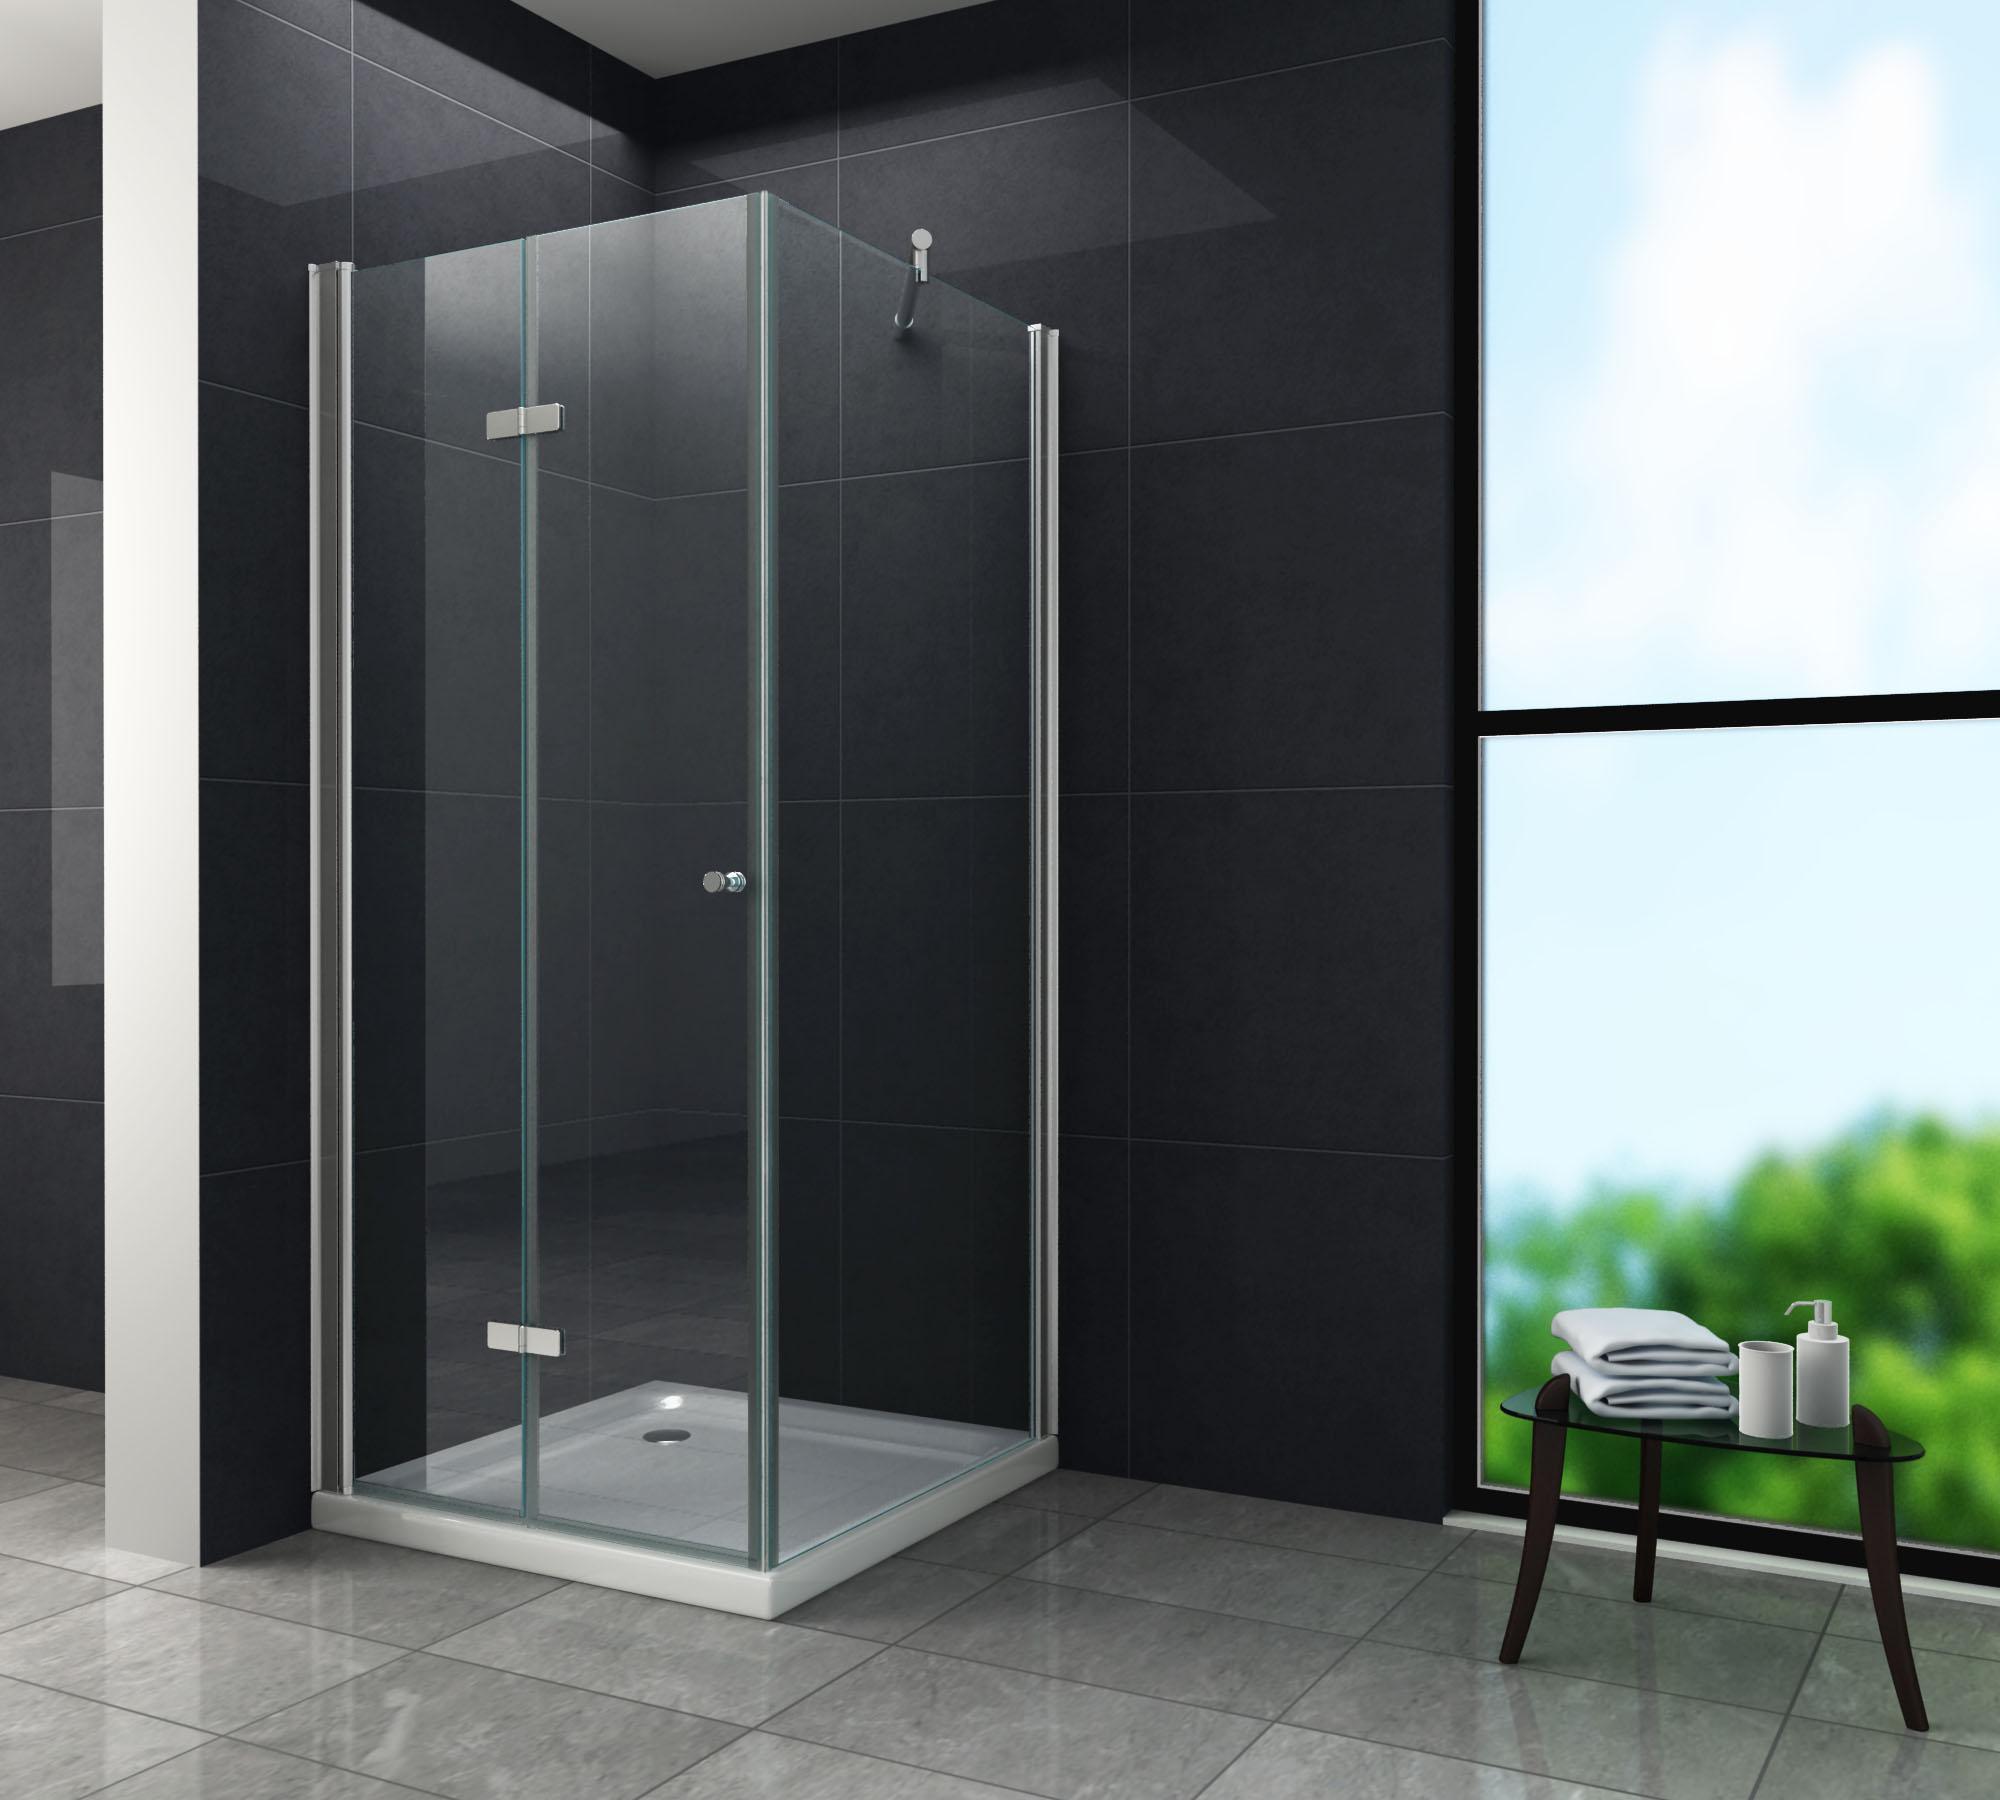 Falttür Duschkabine ONTO 90 x 75 x 195 cm ohne Duschtasse